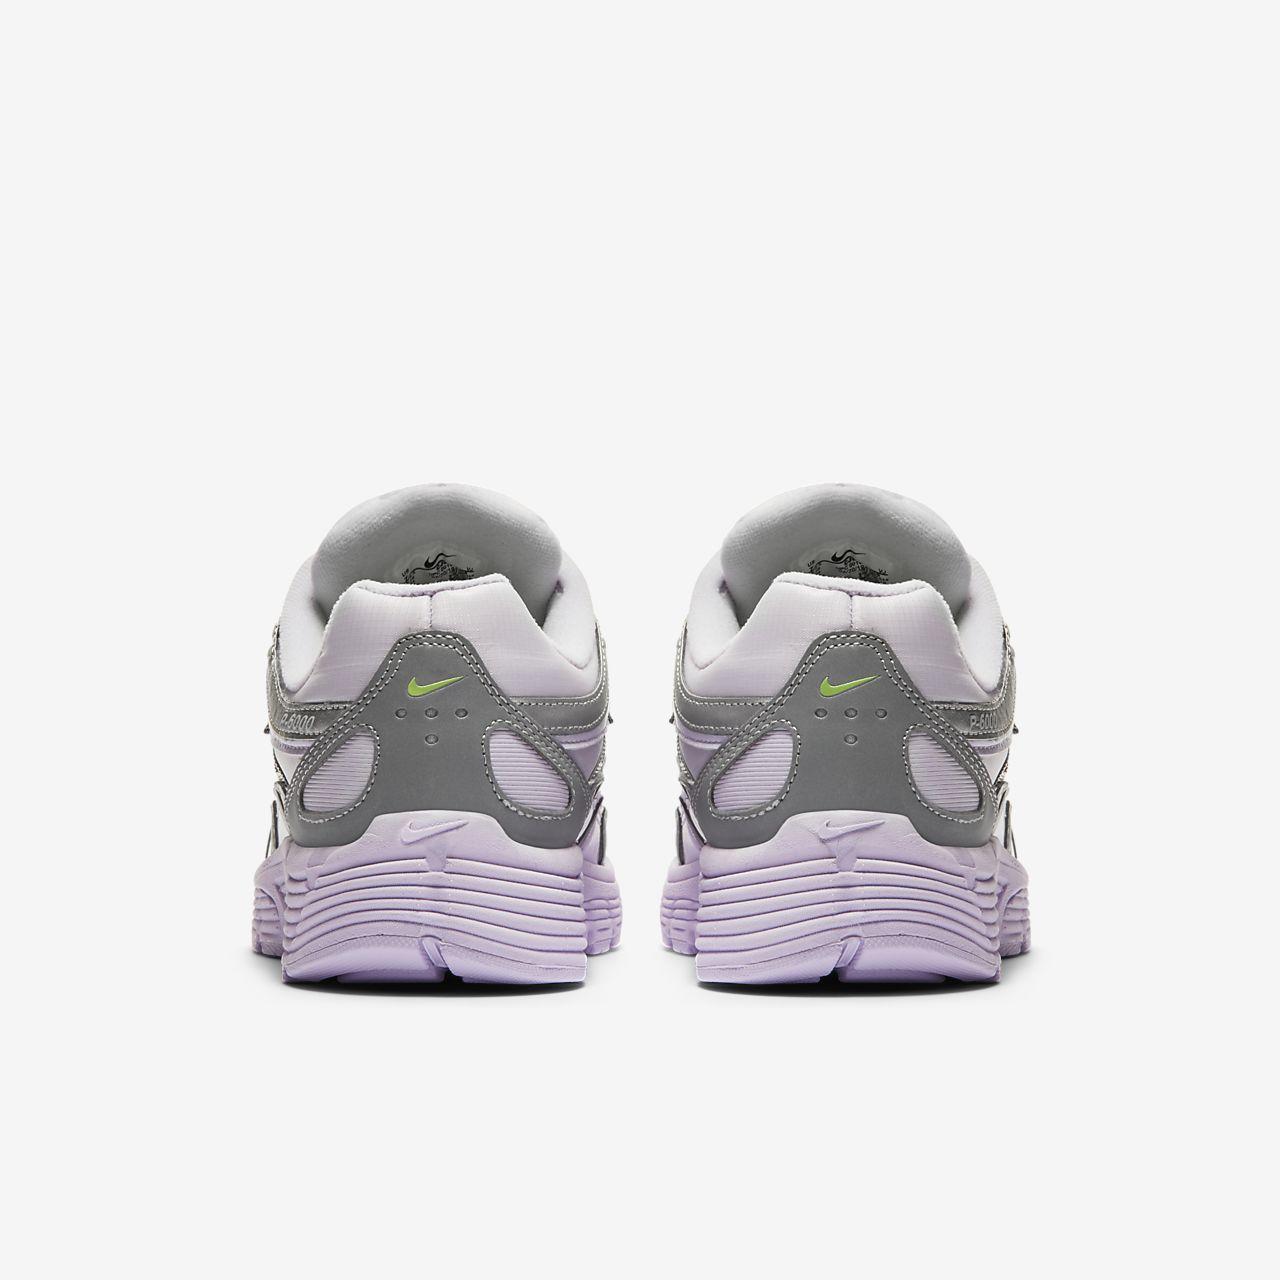 Pour À Damier P Nike Chaussure Femme 6000 UzMqSpV